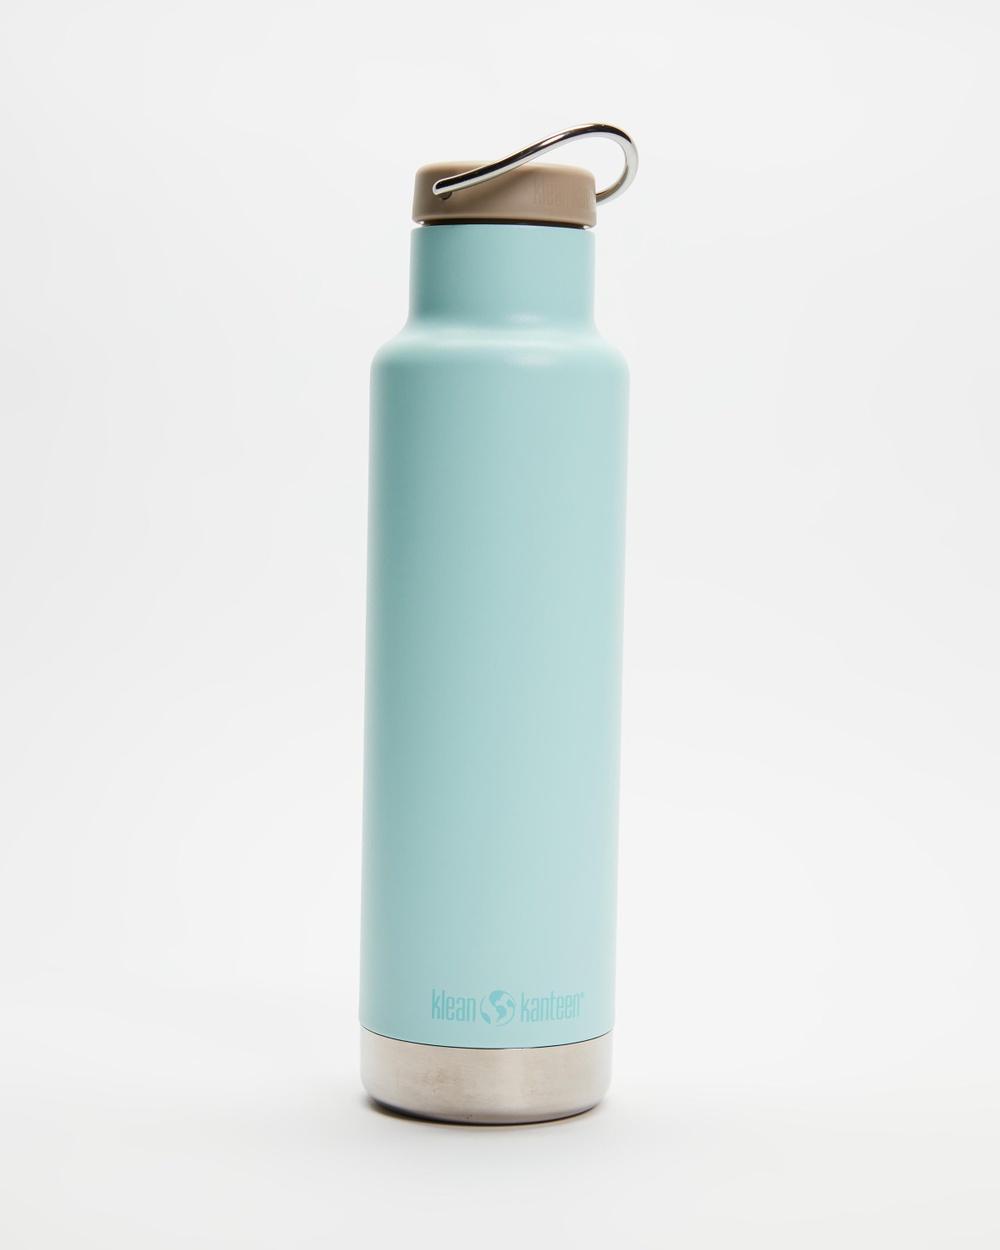 Klean Kanteen 20oz Insulated Classic Loop Cap Bottle Water Bottles Blue Tint